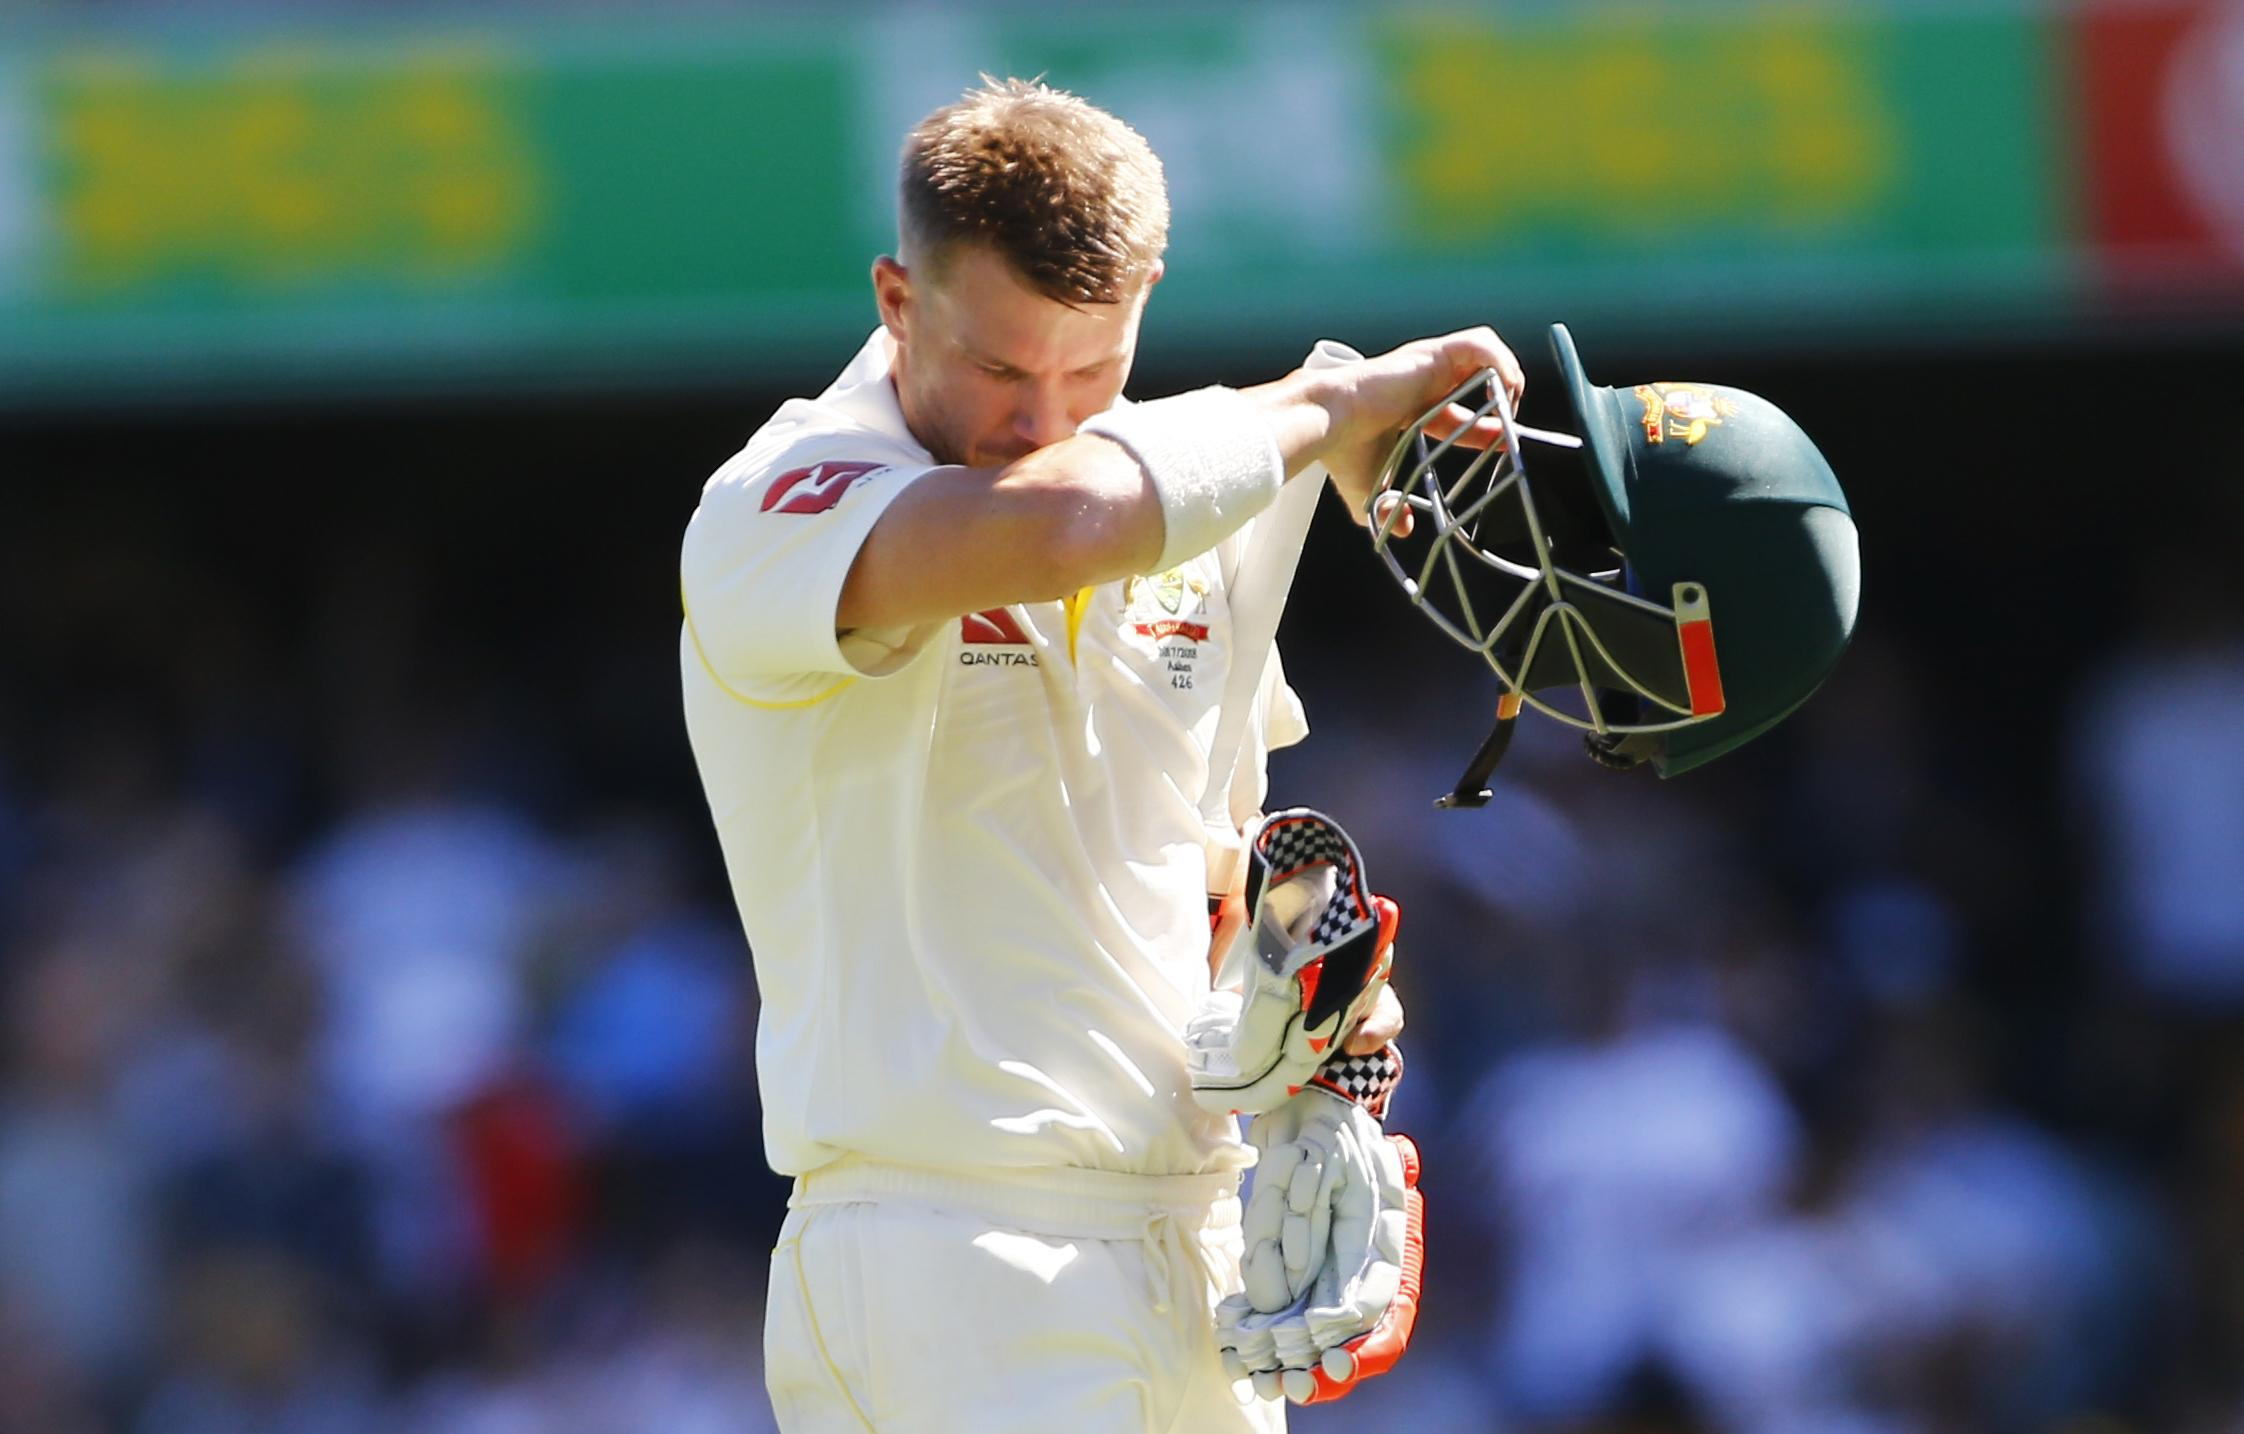 David Warner has been a controversial figure in Australian cricket